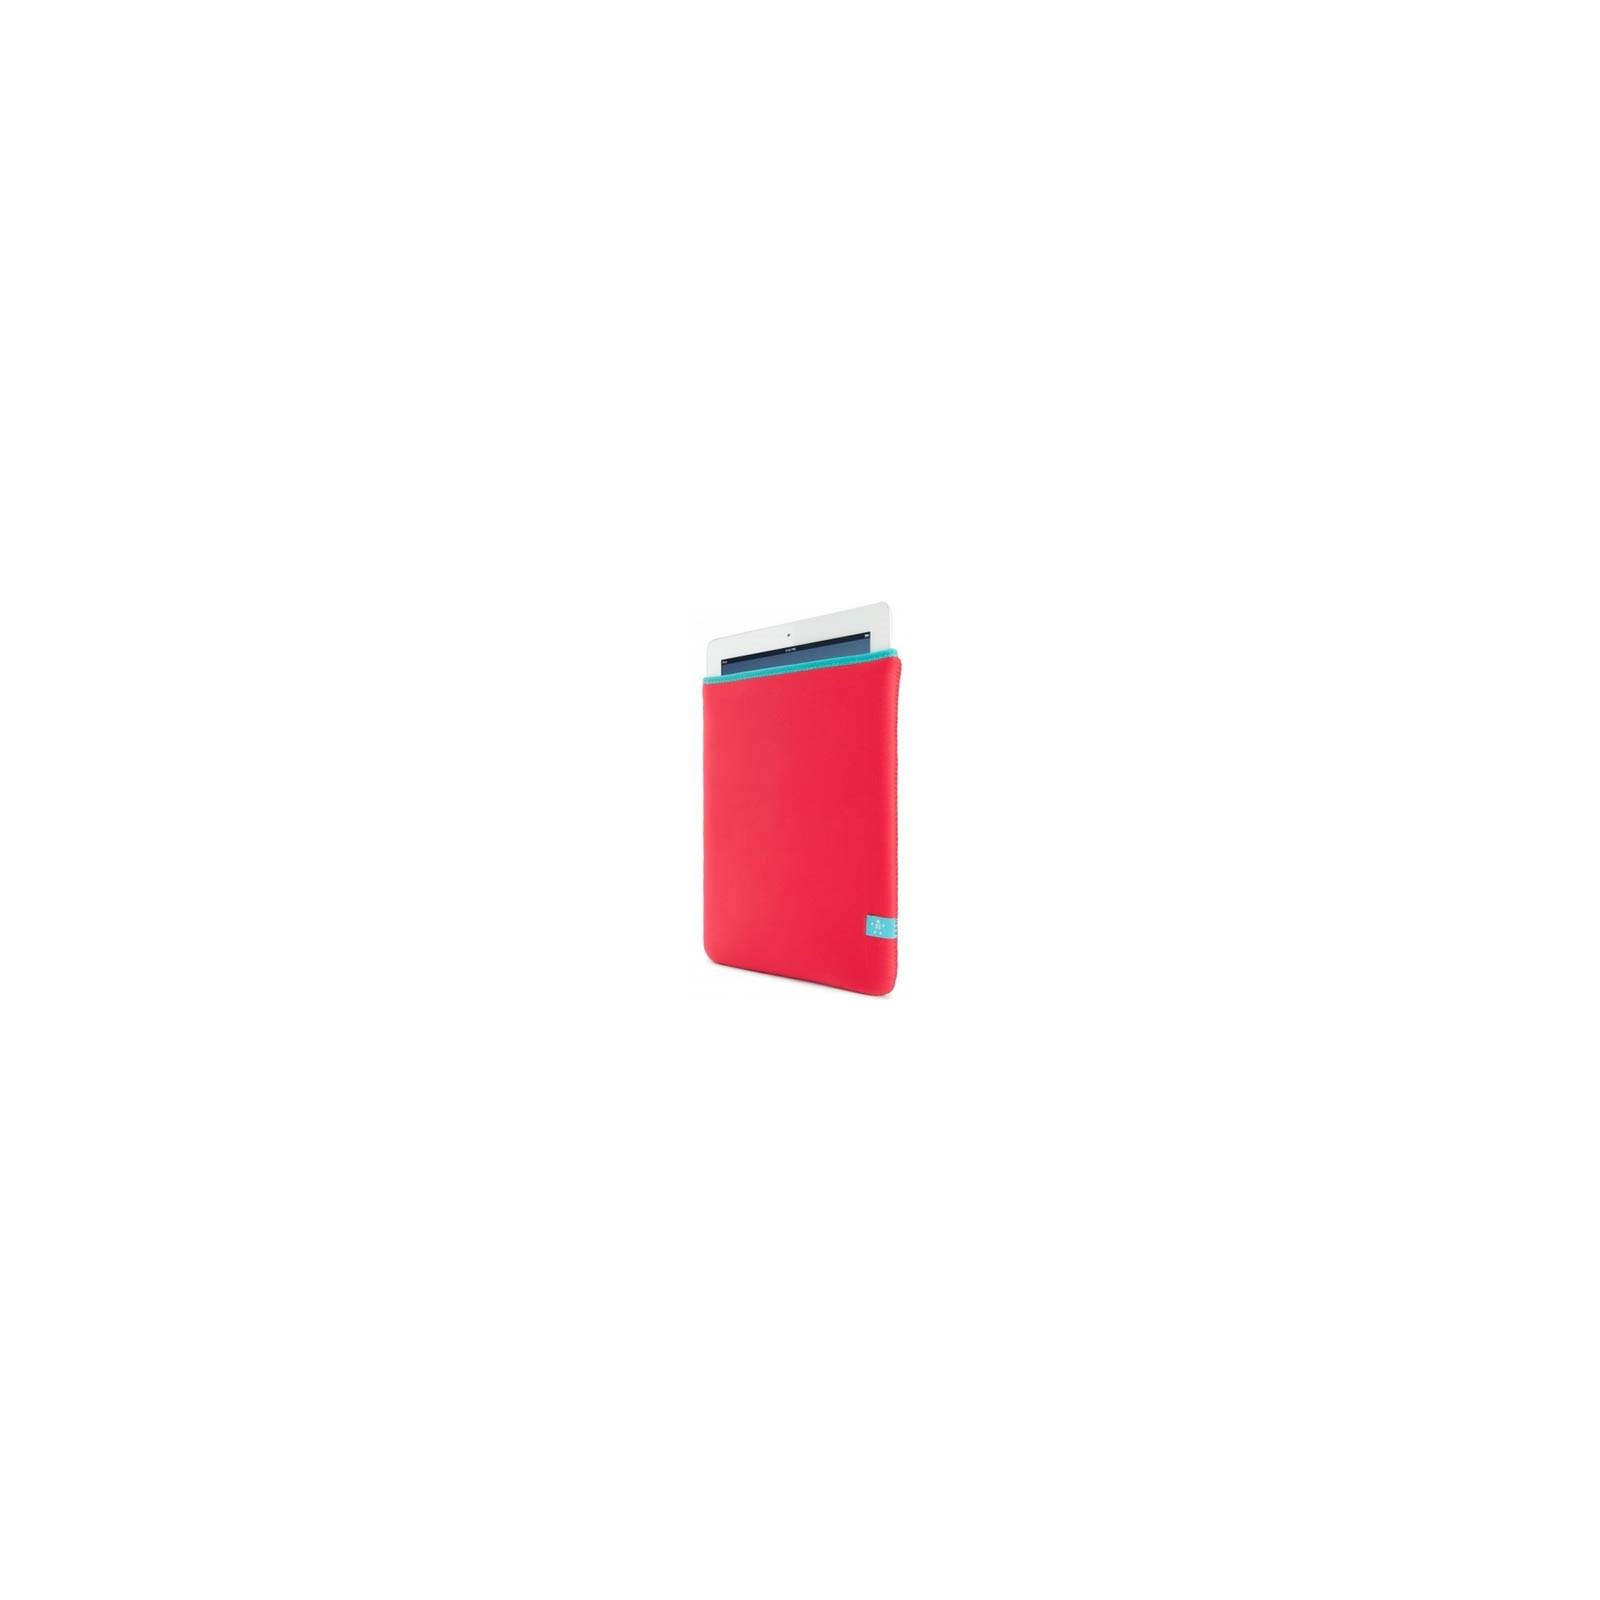 Чехол для планшета Belkin iPad, iPad2, iPad3, iPad4 Stretch Sleeve (F8N734cwC00)